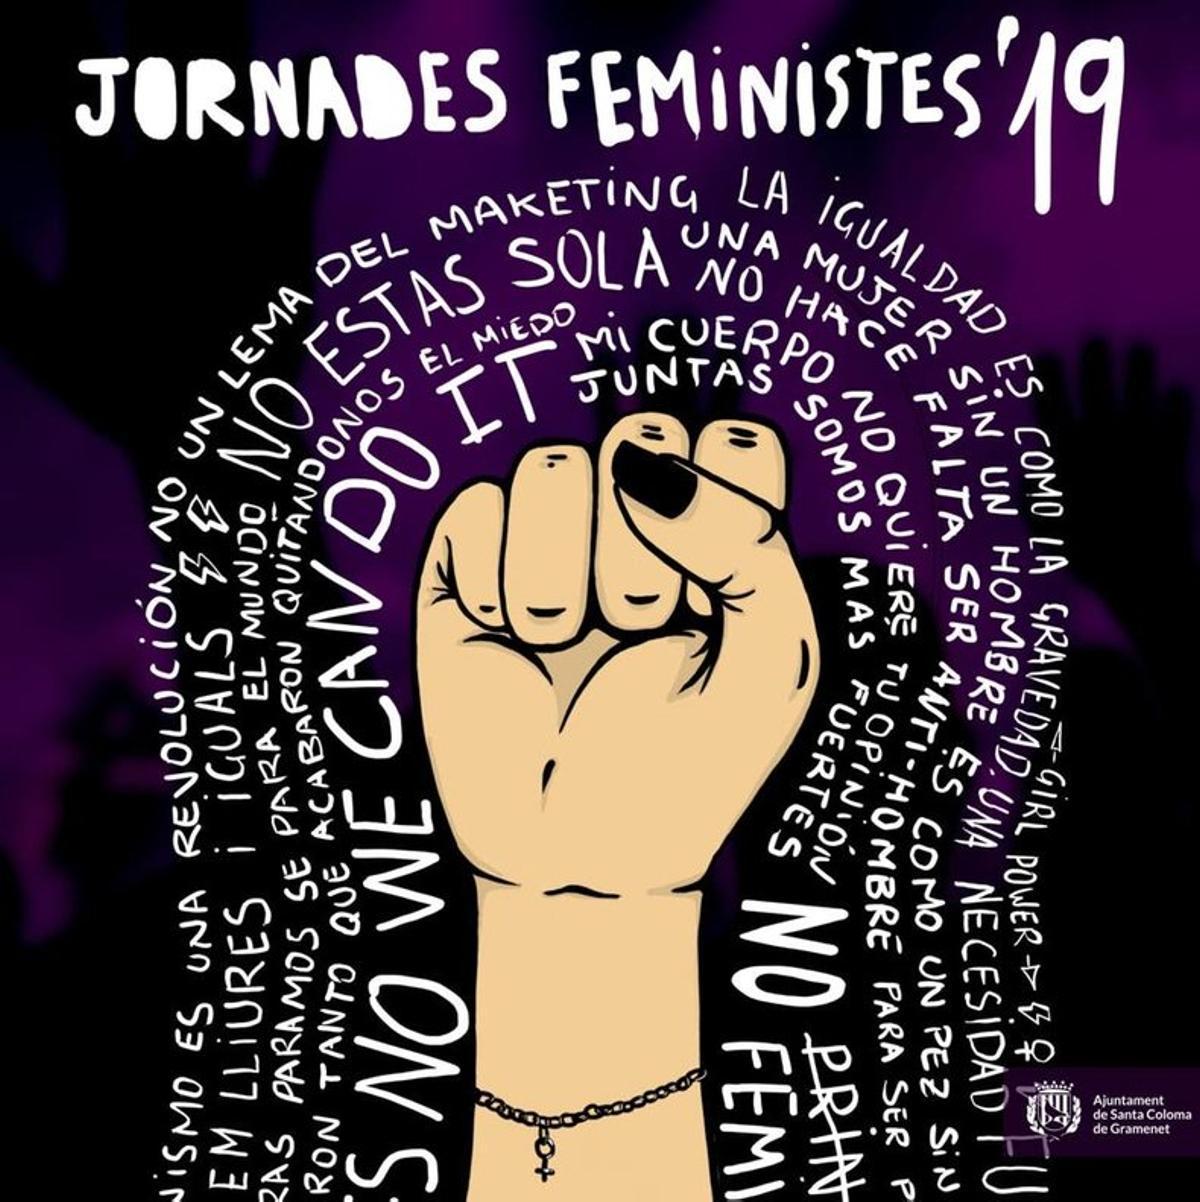 Cartel de las Jornadas Feministas 2019.